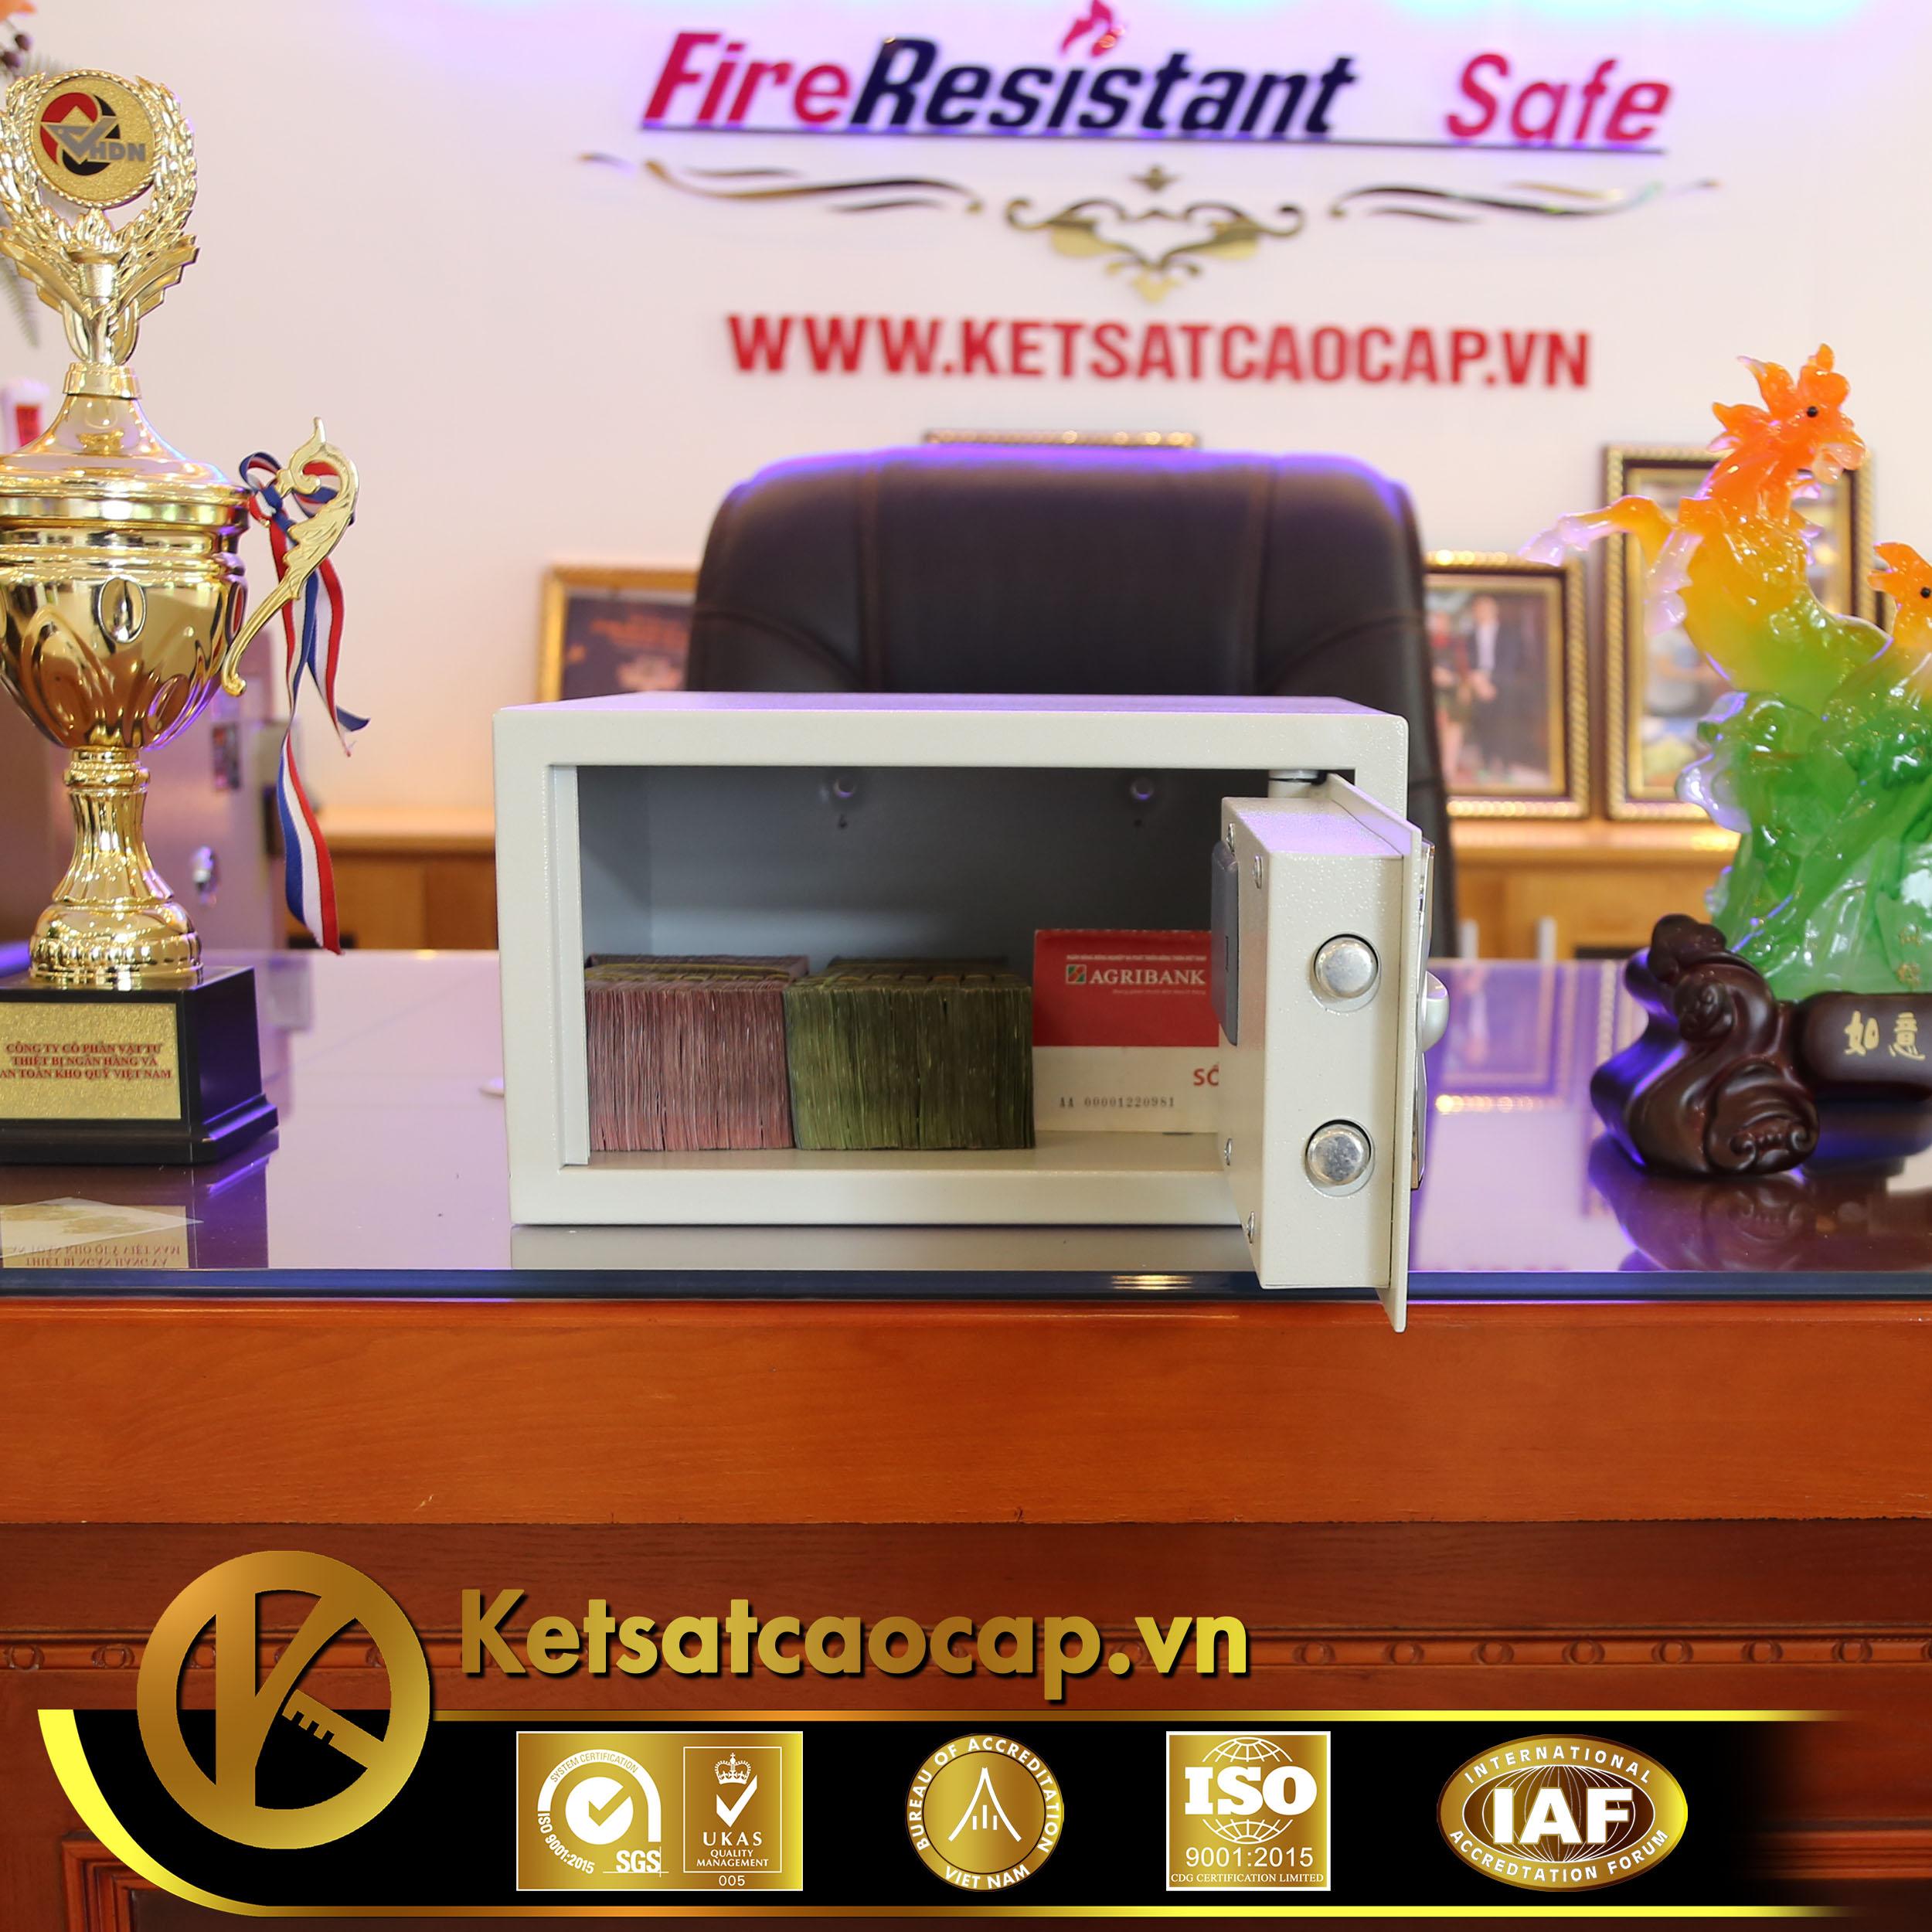 đặc điểm sản phẩm Két sắt khách sạn KS421-EKT